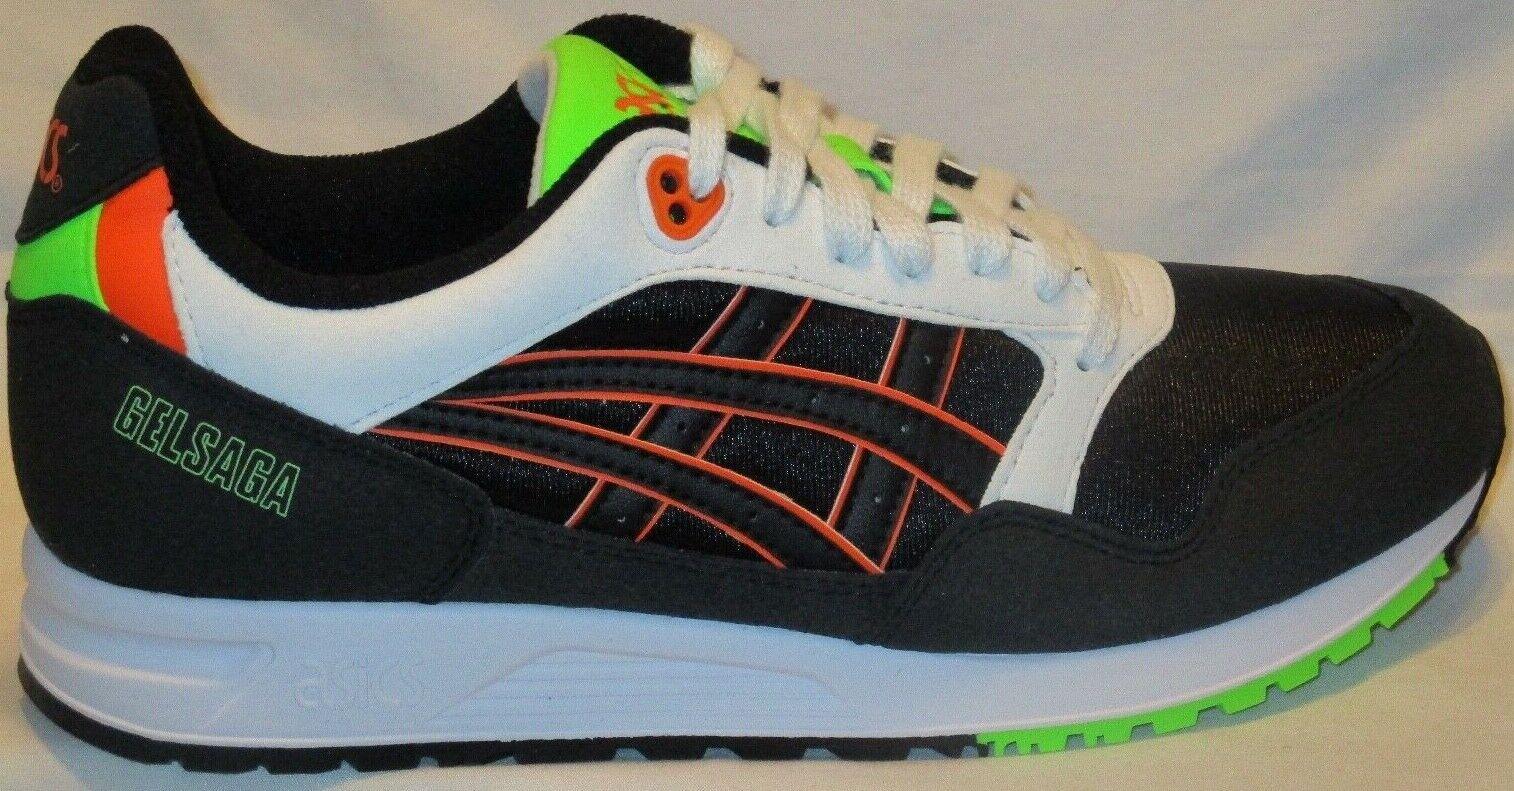 Para Hombre Zapatos Asics Tiger gelsaga Negro Naranja Shoking zapatos talla 9